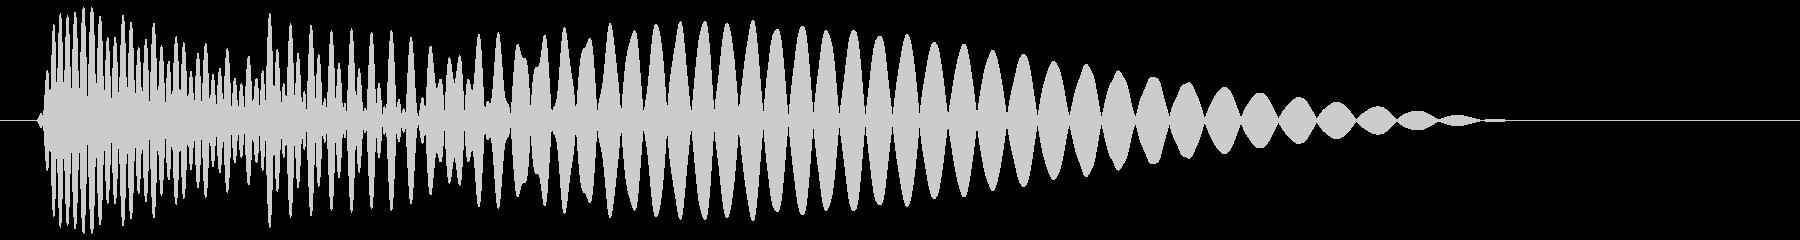 低音で振動している音の未再生の波形